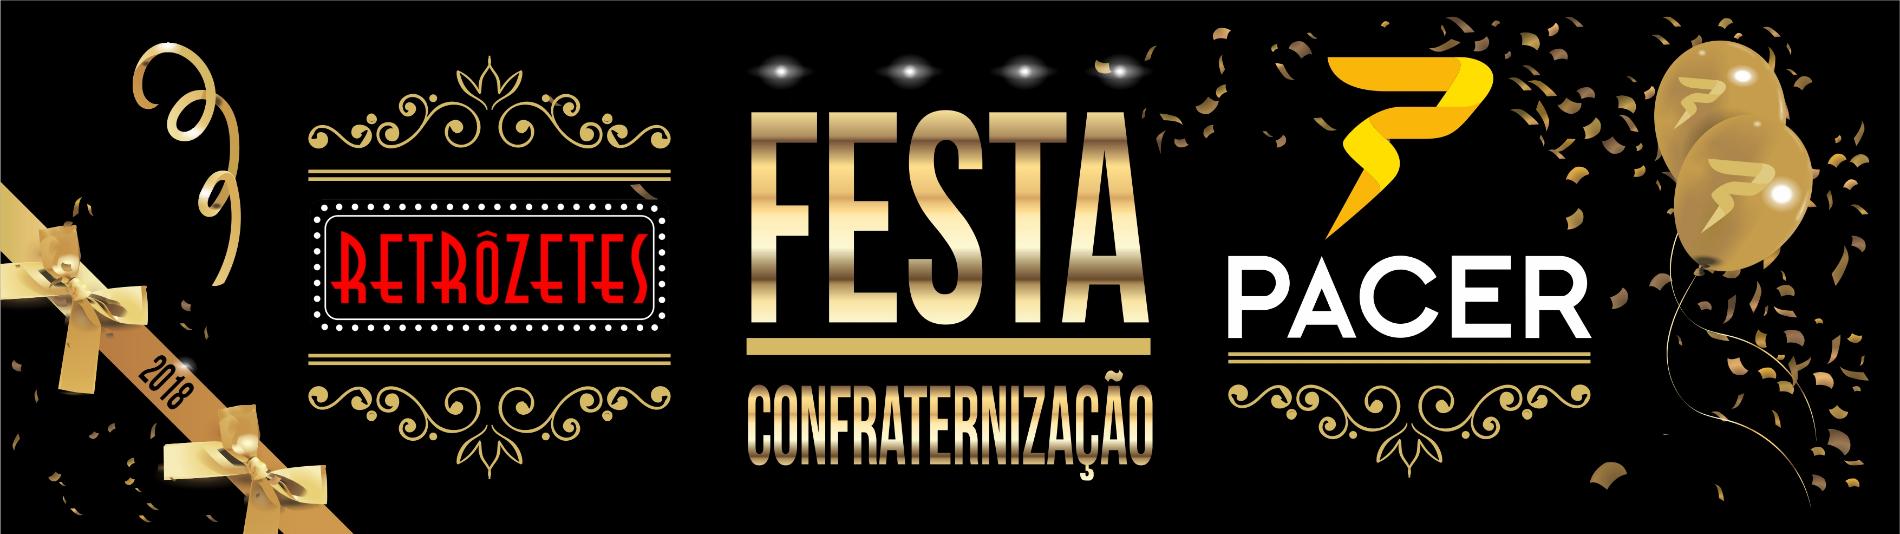 FESTA DE CONFRATERNIZAÇÃO PACER 2018